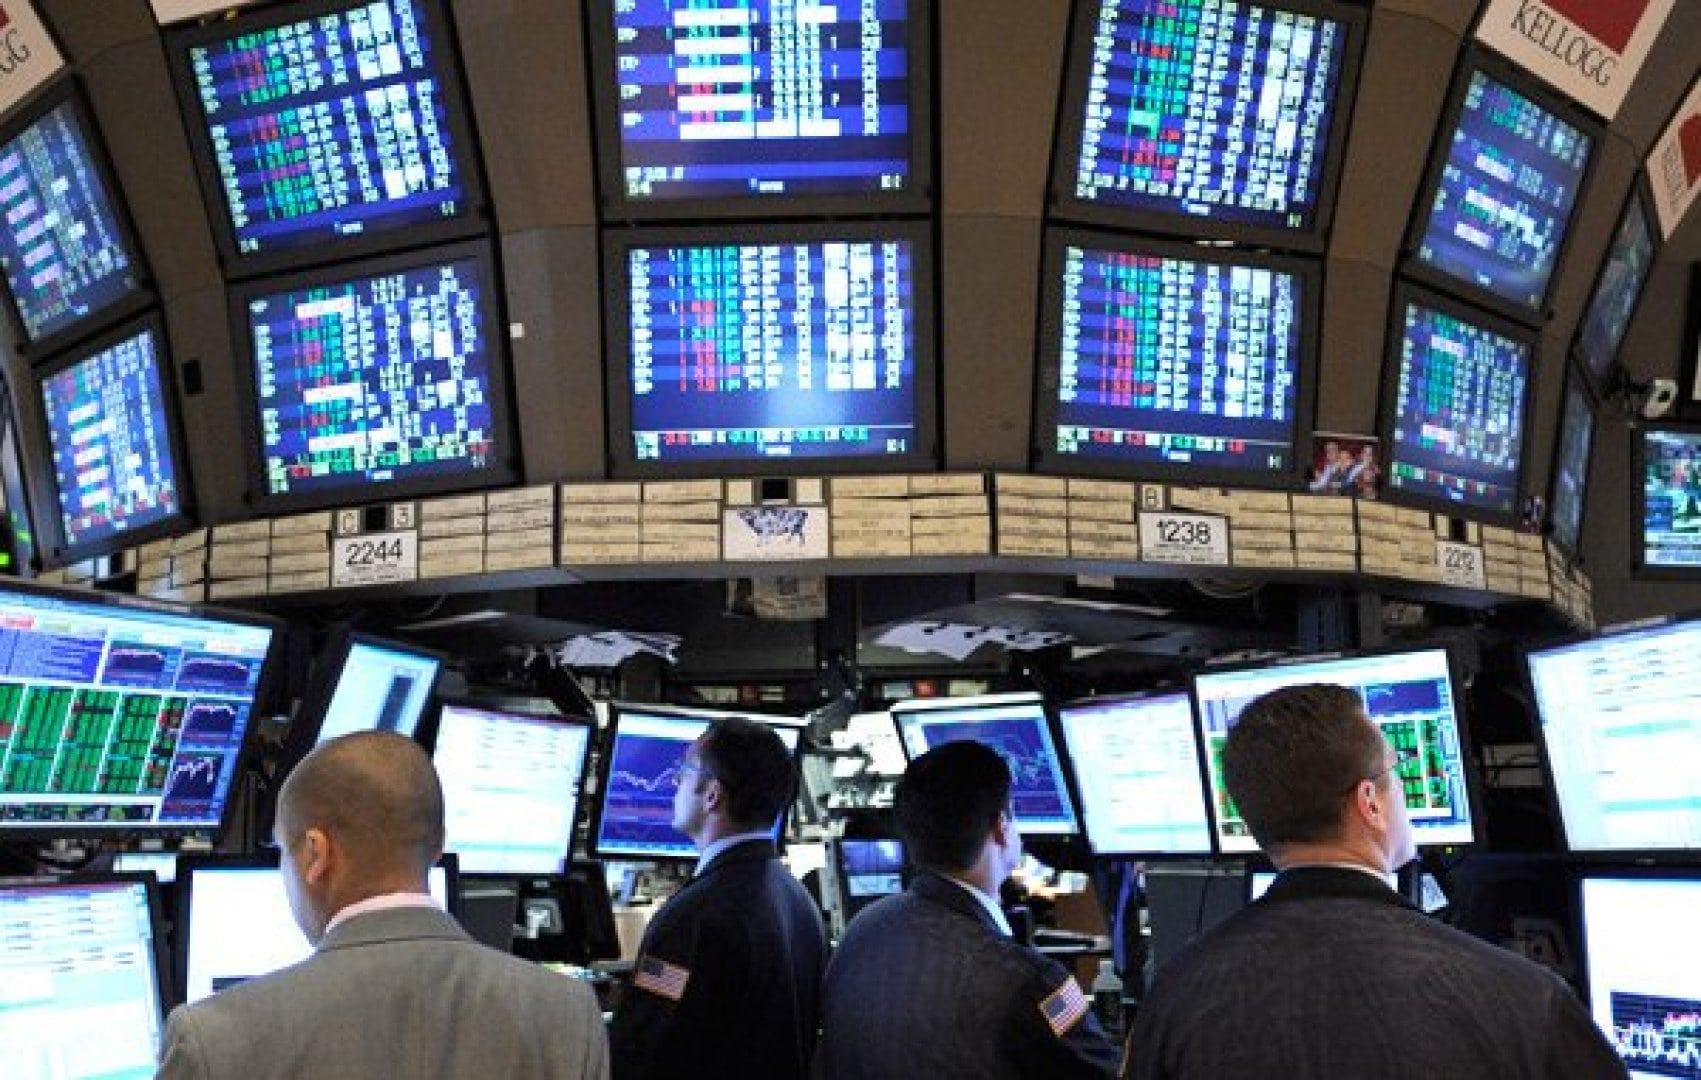 Изображение Новости рынка сырья: Россия наращивает добычу нефти, А.Новак о спросе на нефть в 2021 году, итоги торгов на американском и азиатском рынке